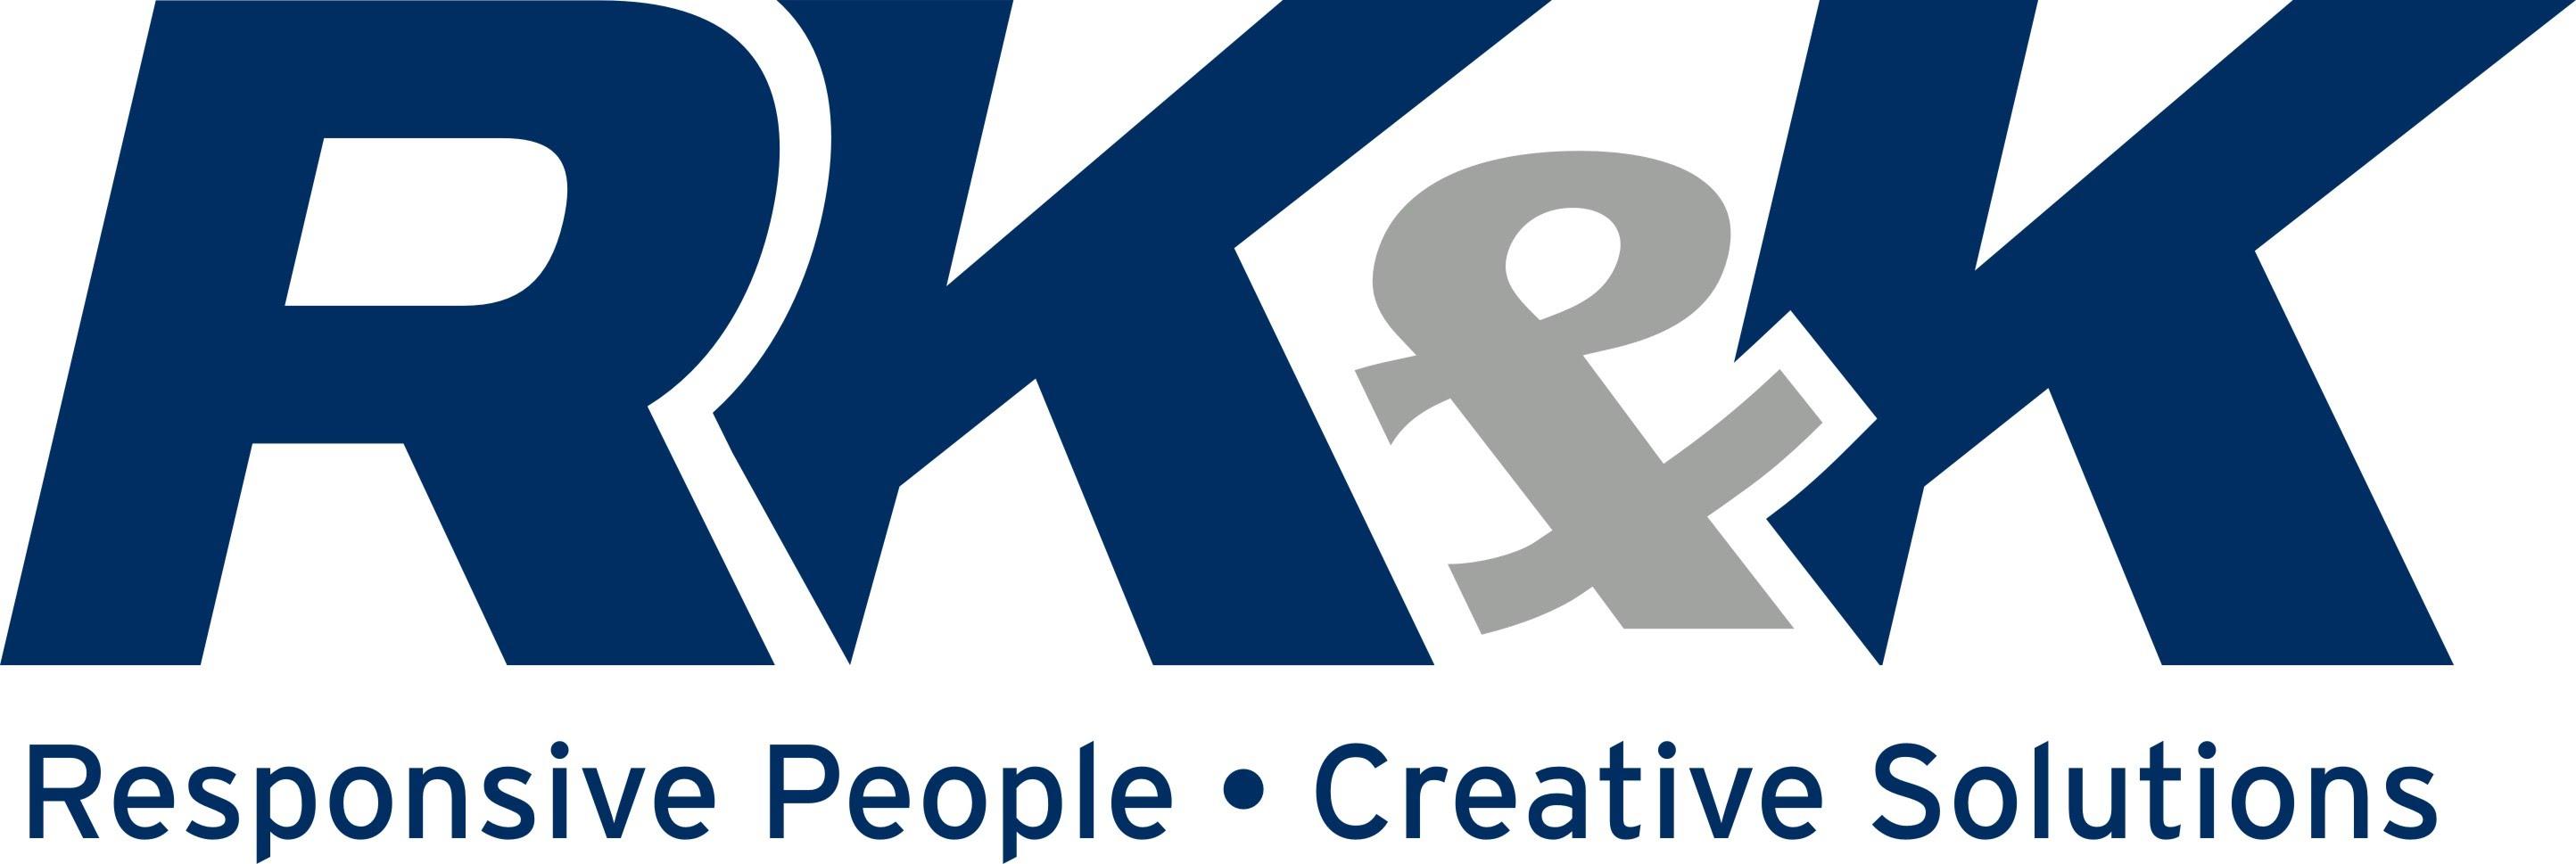 www.rkk.com